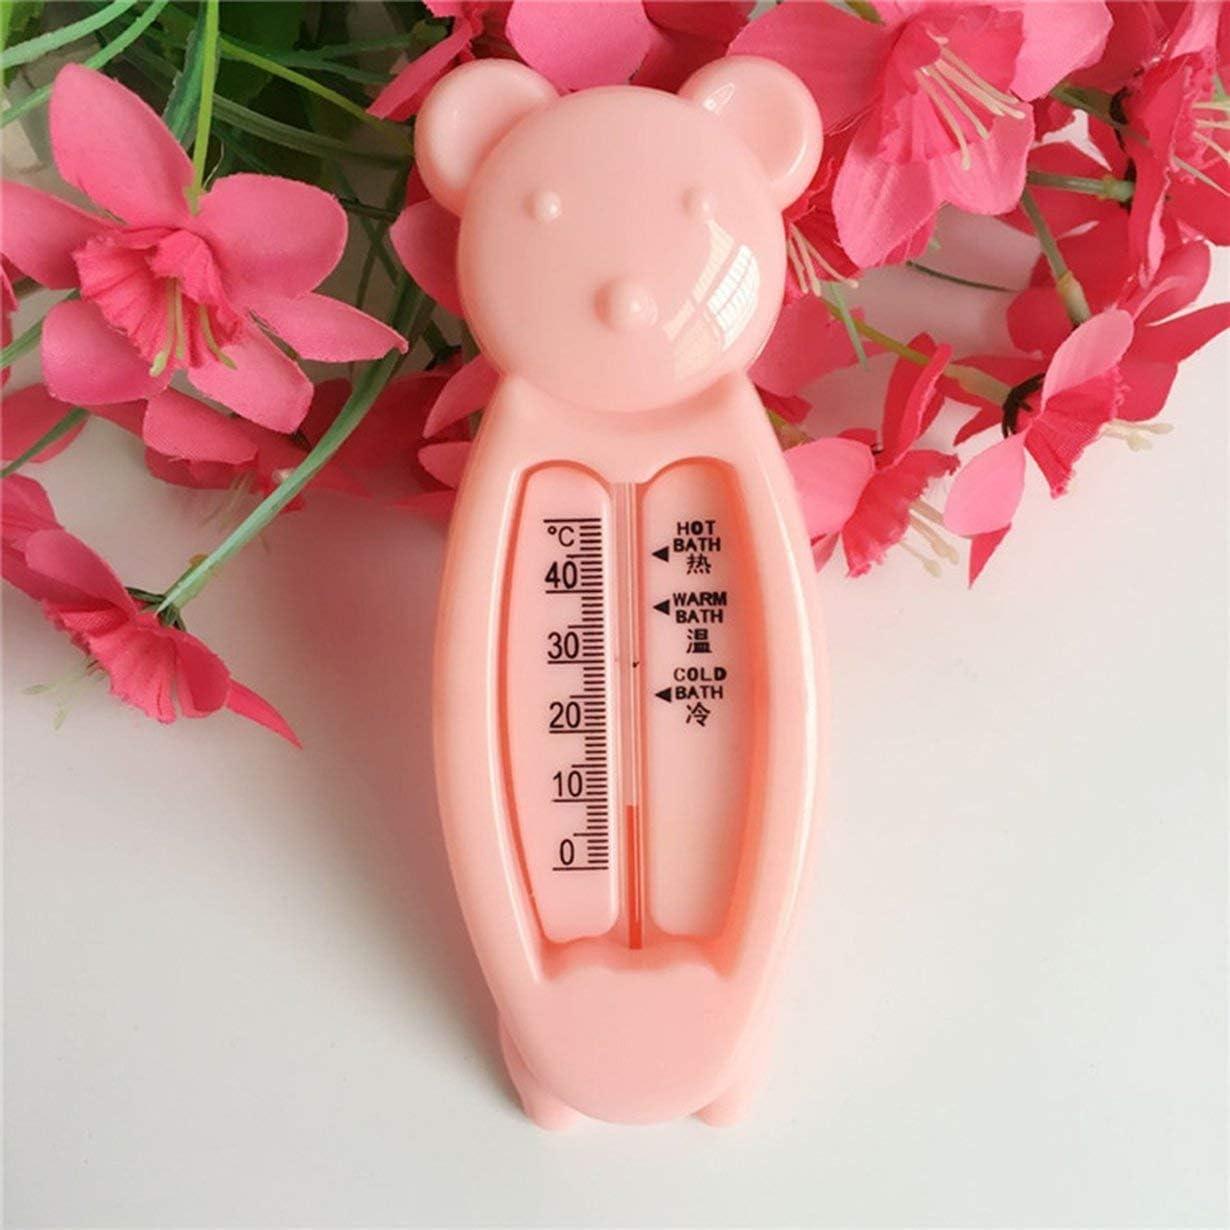 camellia/® Thermom/ètres /à Eau pour b/éb/és Jouets intelligents en Forme dours Jouets de baignade pour b/éb/és pour Enfants Enfants Thermom/ètre de Bain Acurate Temperature Teller Rose